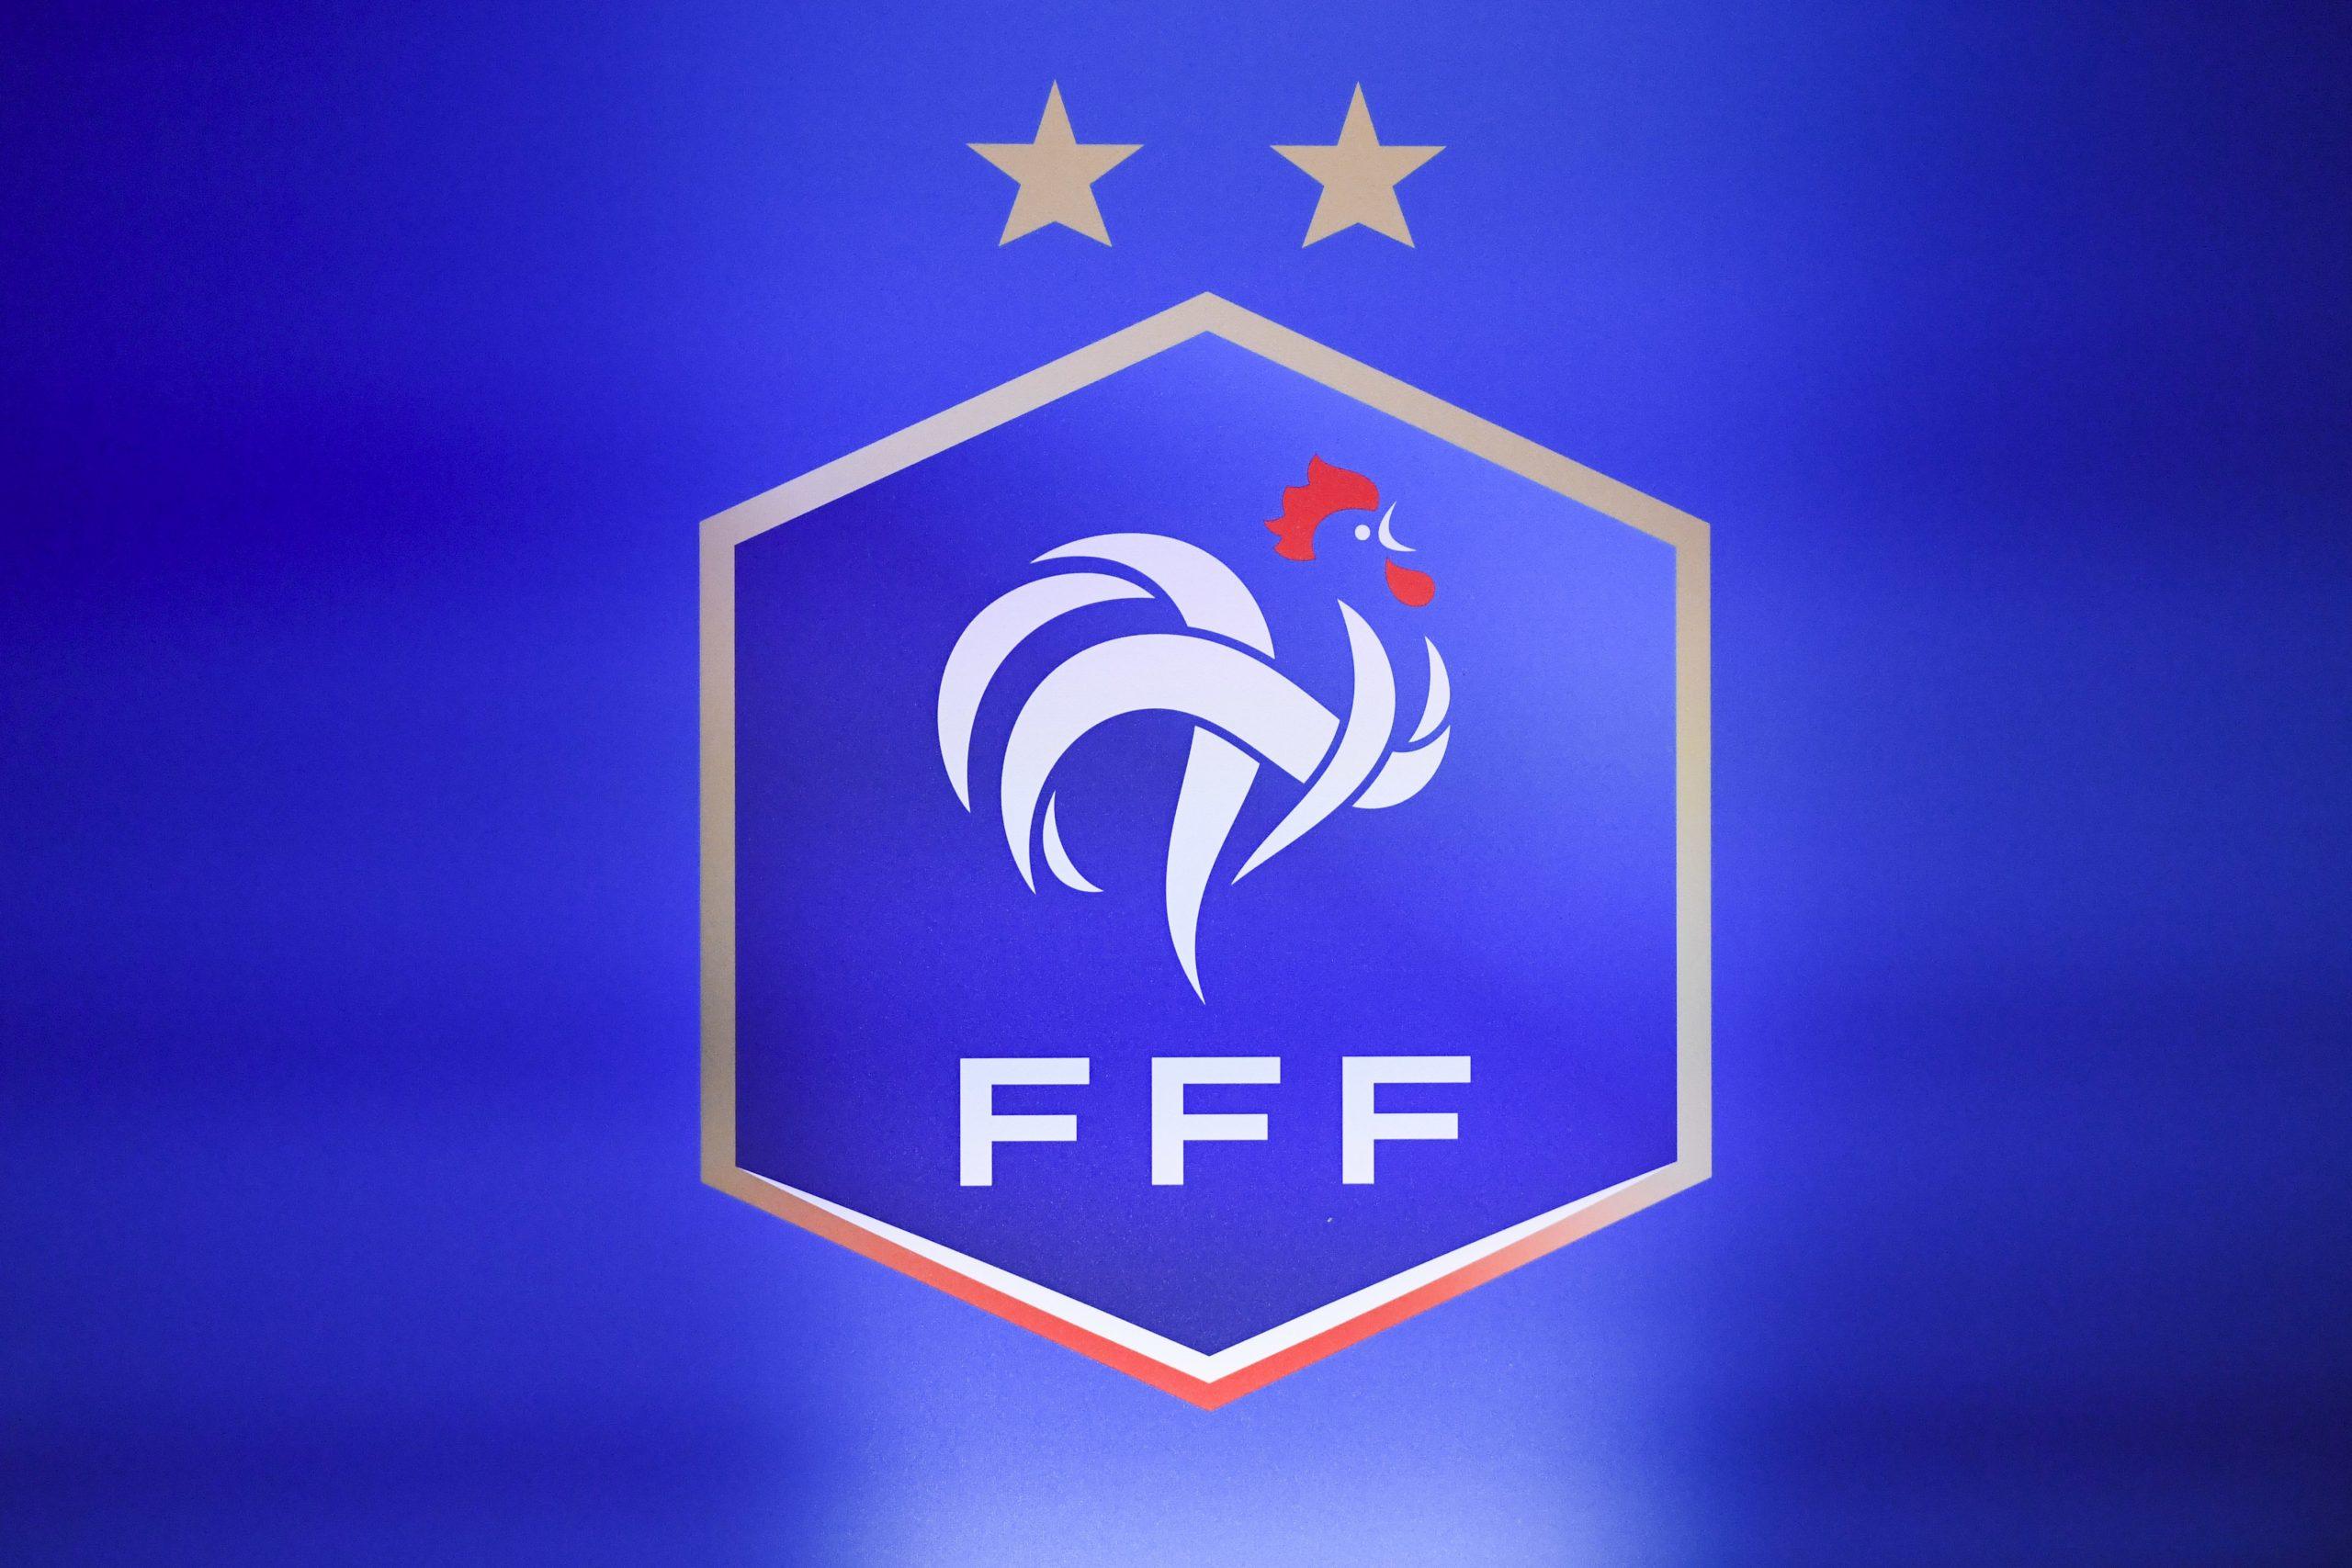 """Officiel - La FFF """"a pris acte de l'impossibilité de reprendre les championnats de la saison 2019-2020"""""""